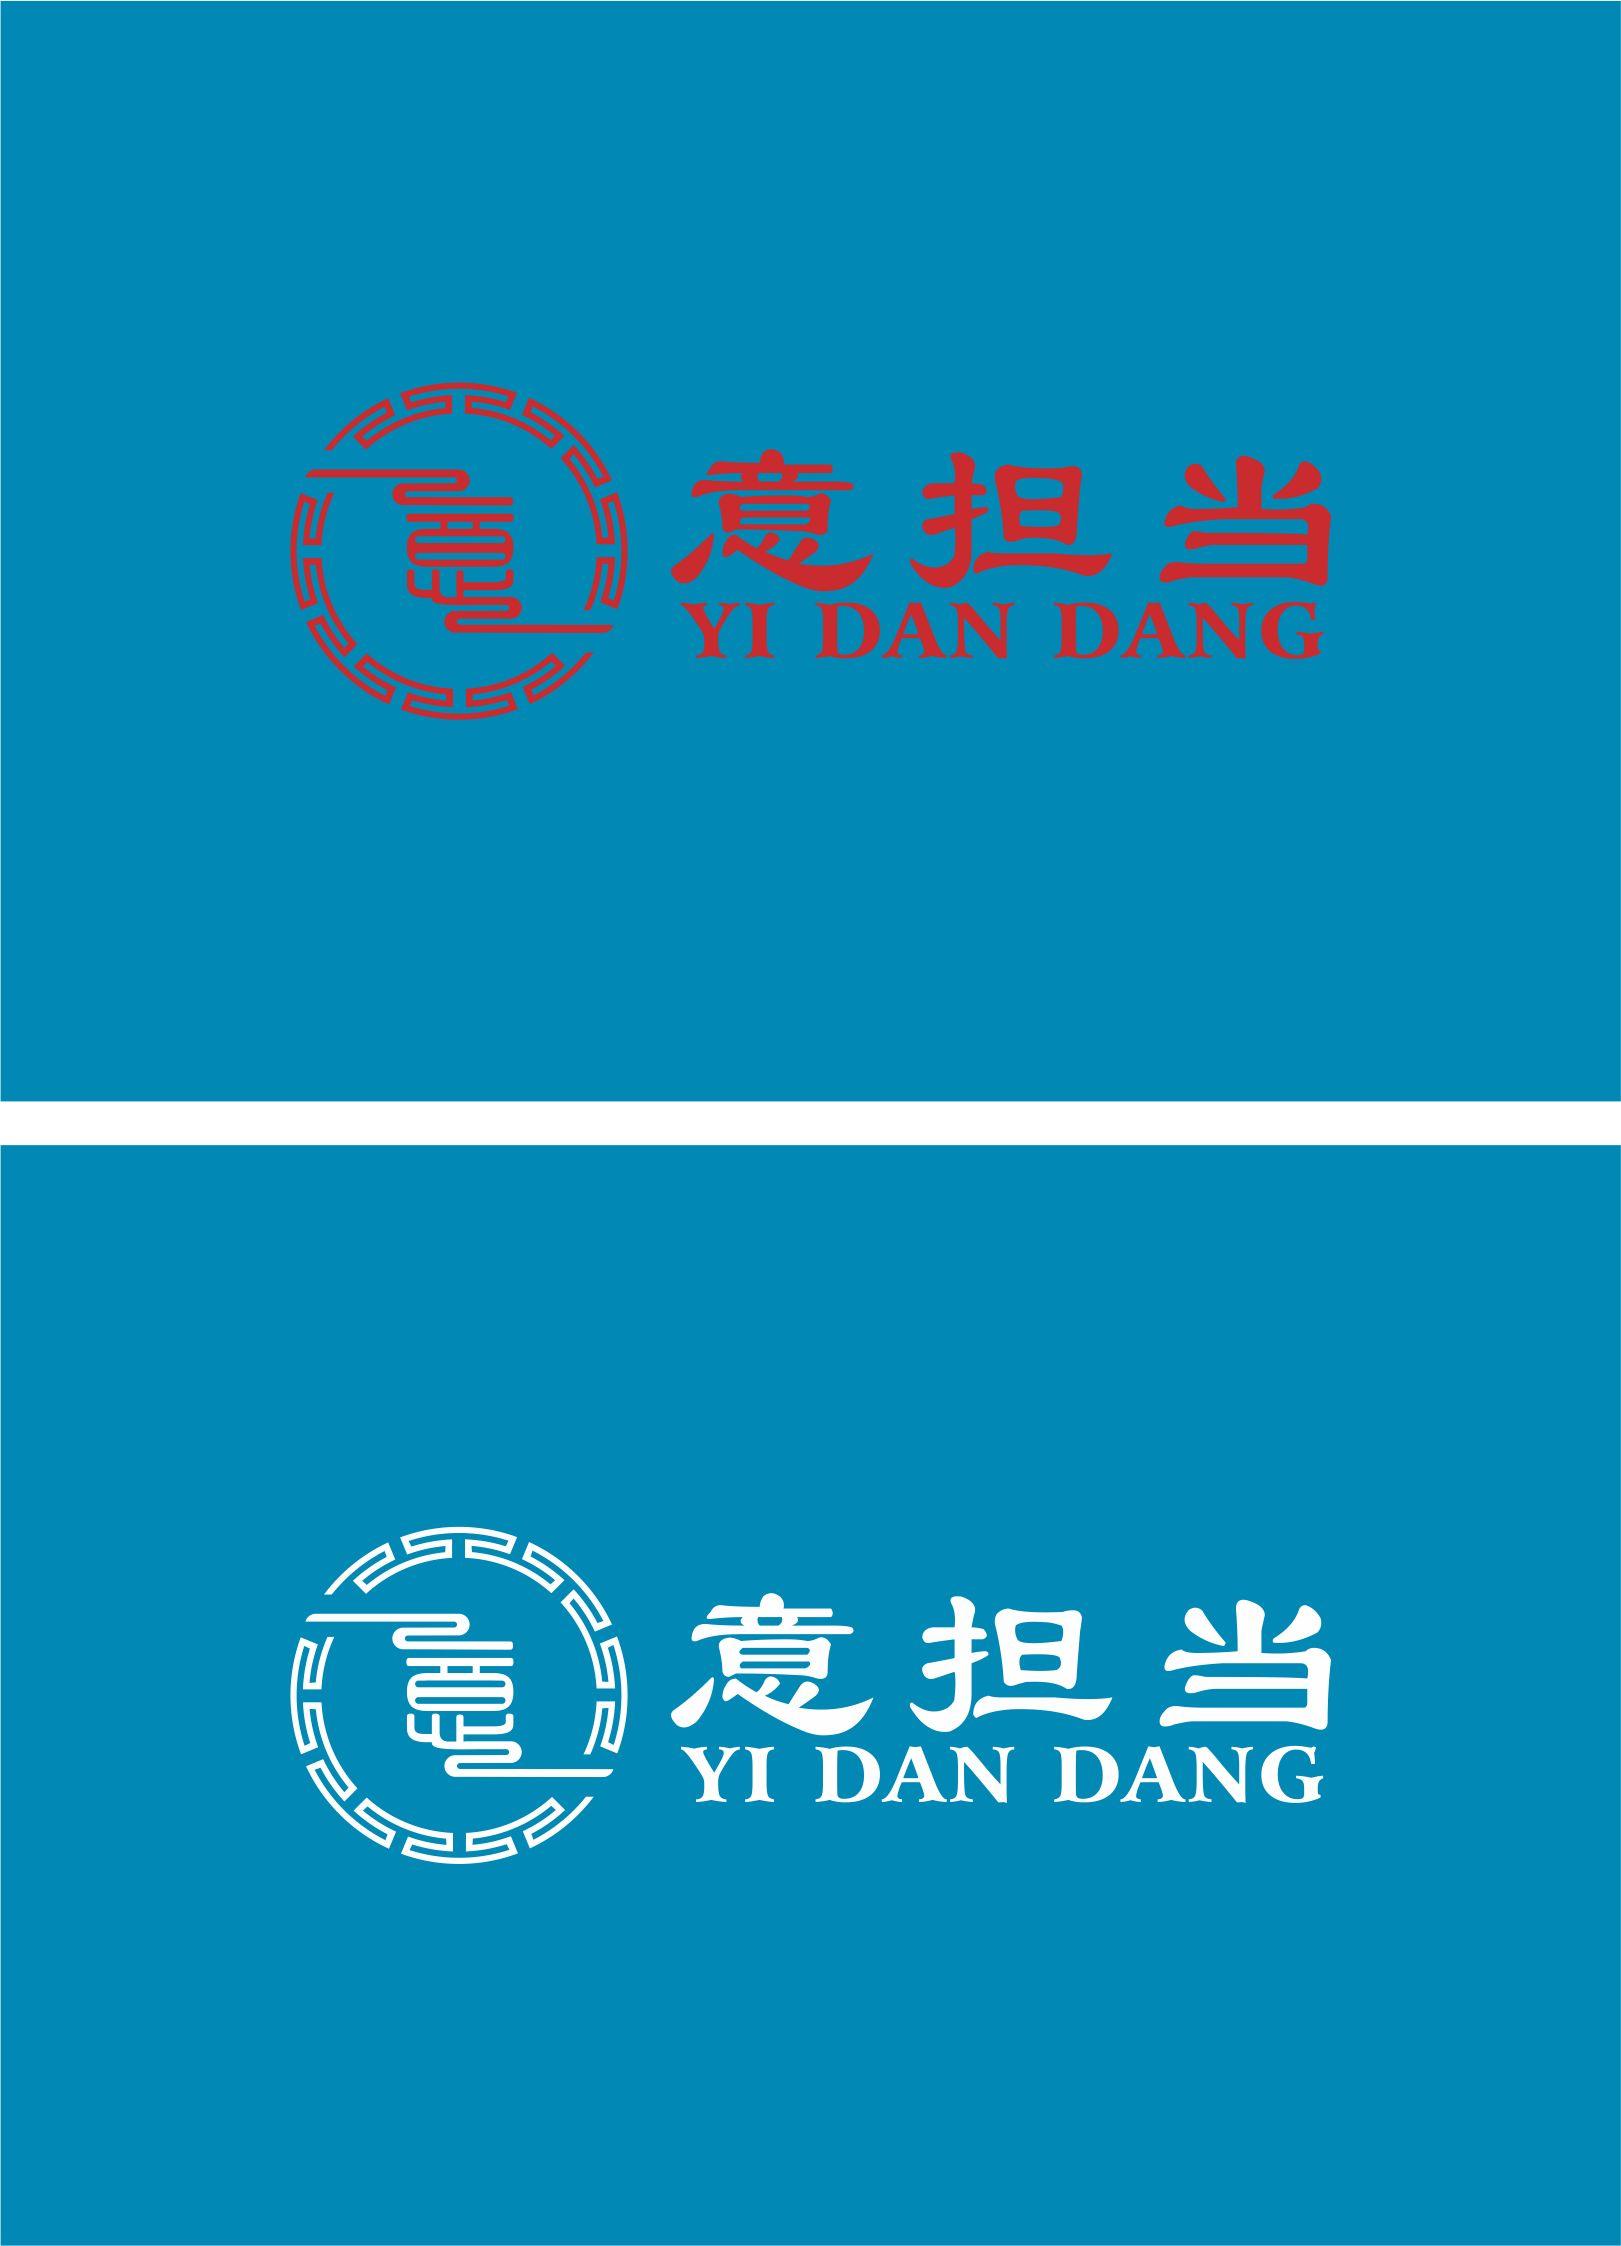 快餐店logo设计(4.1内容有补充)_3036924_k68威客网